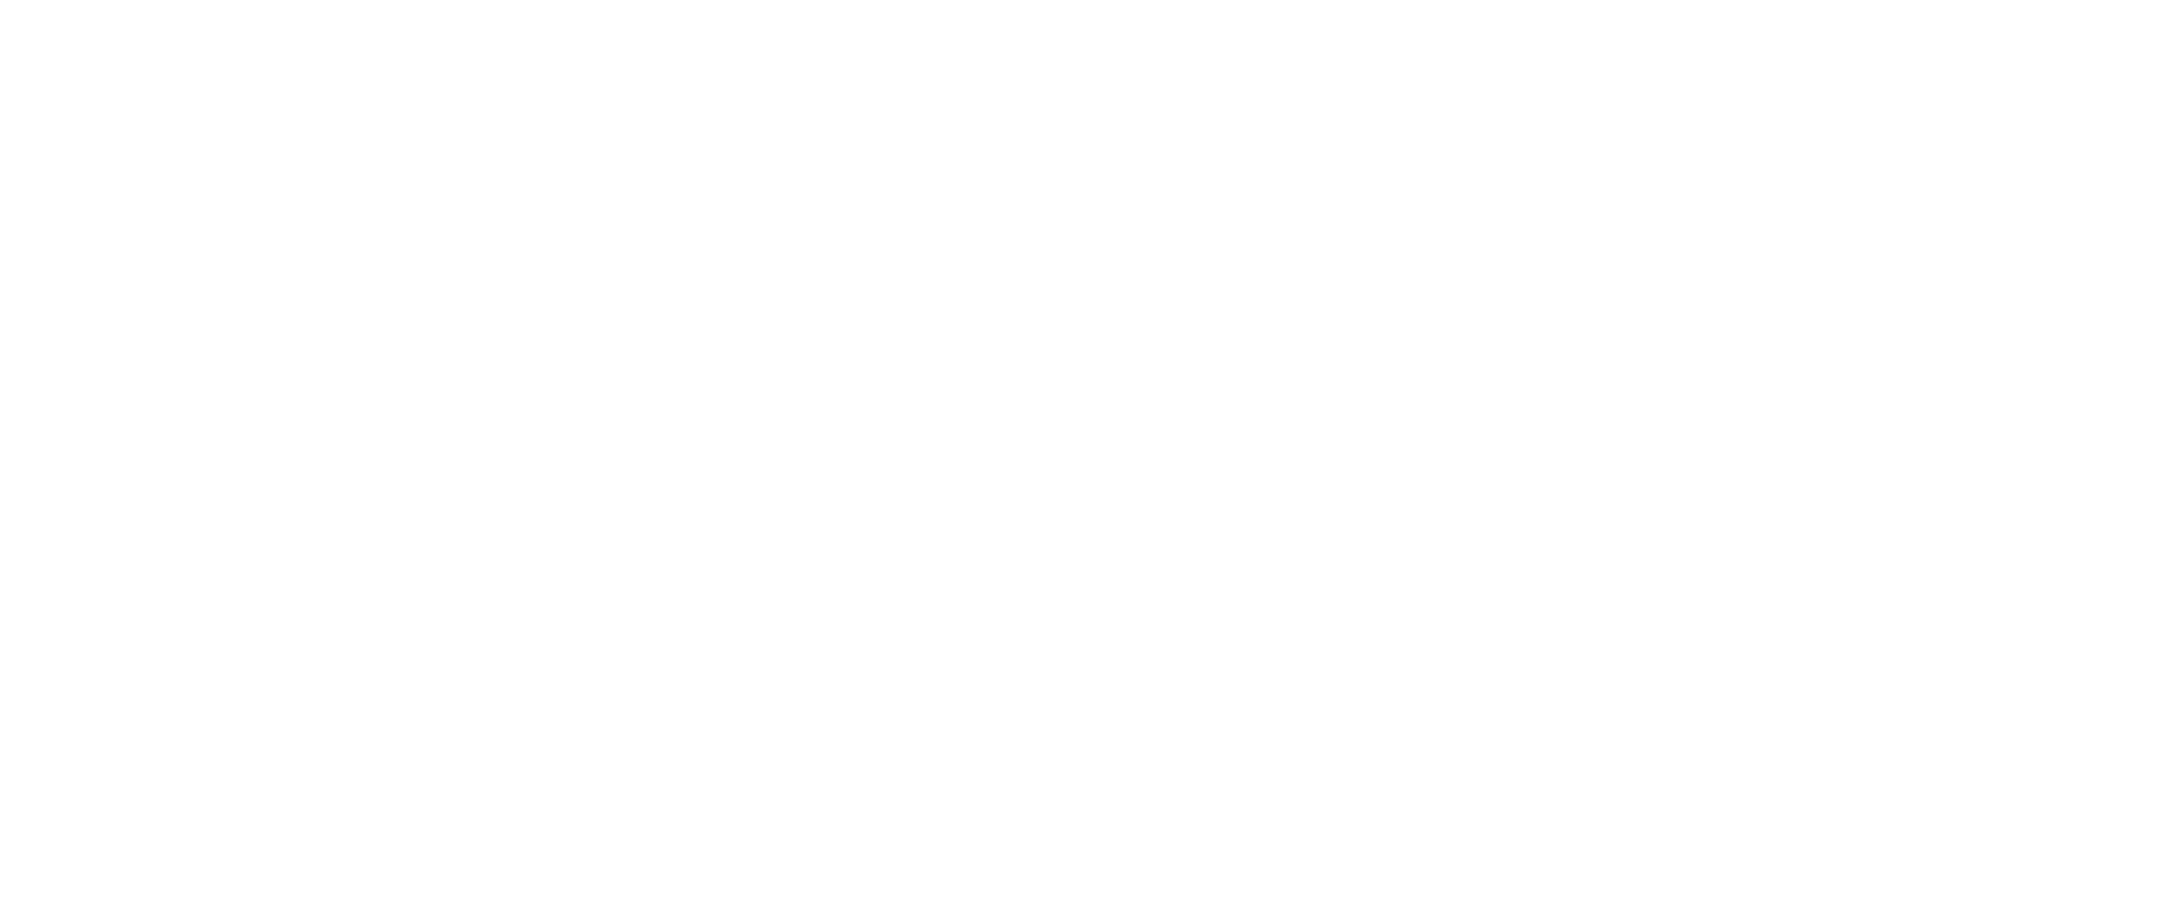 Logo-Regidoria-Esports-Crevillent-blanc